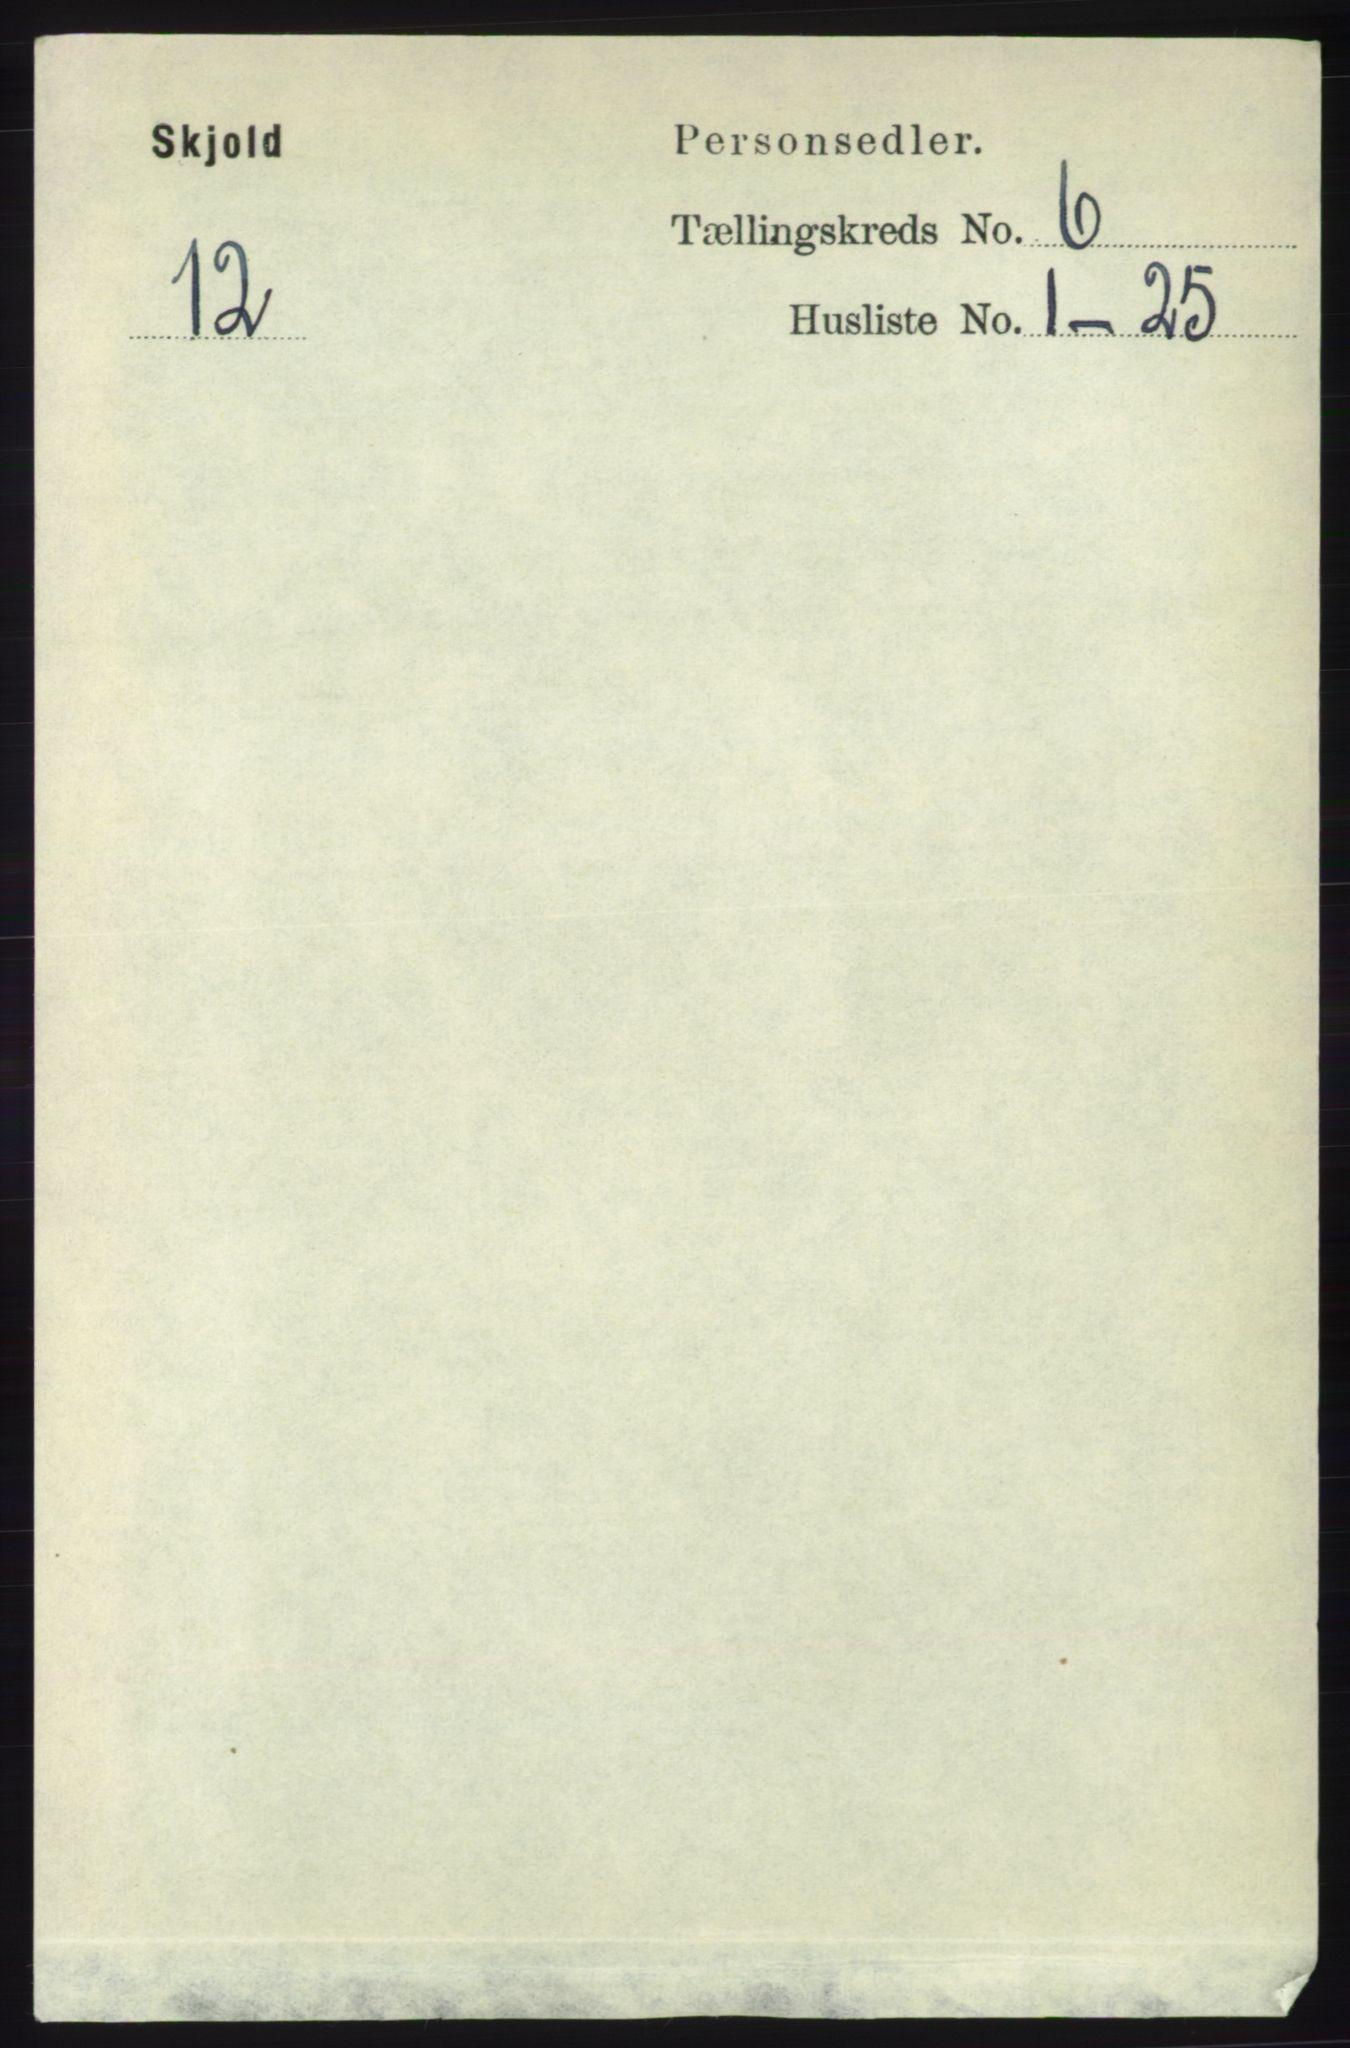 RA, Folketelling 1891 for 1154 Skjold herred, 1891, s. 1009